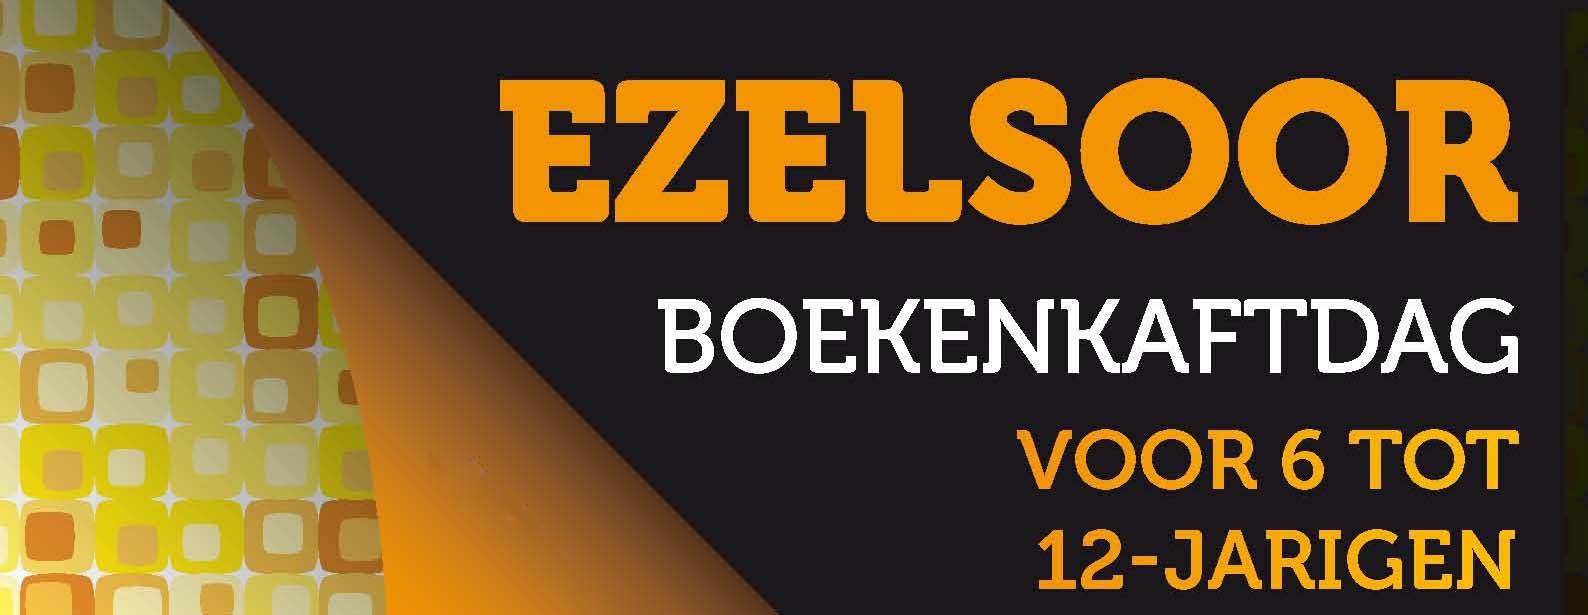 Vzw Puur @ Ezelsoor Boekenkaftdag